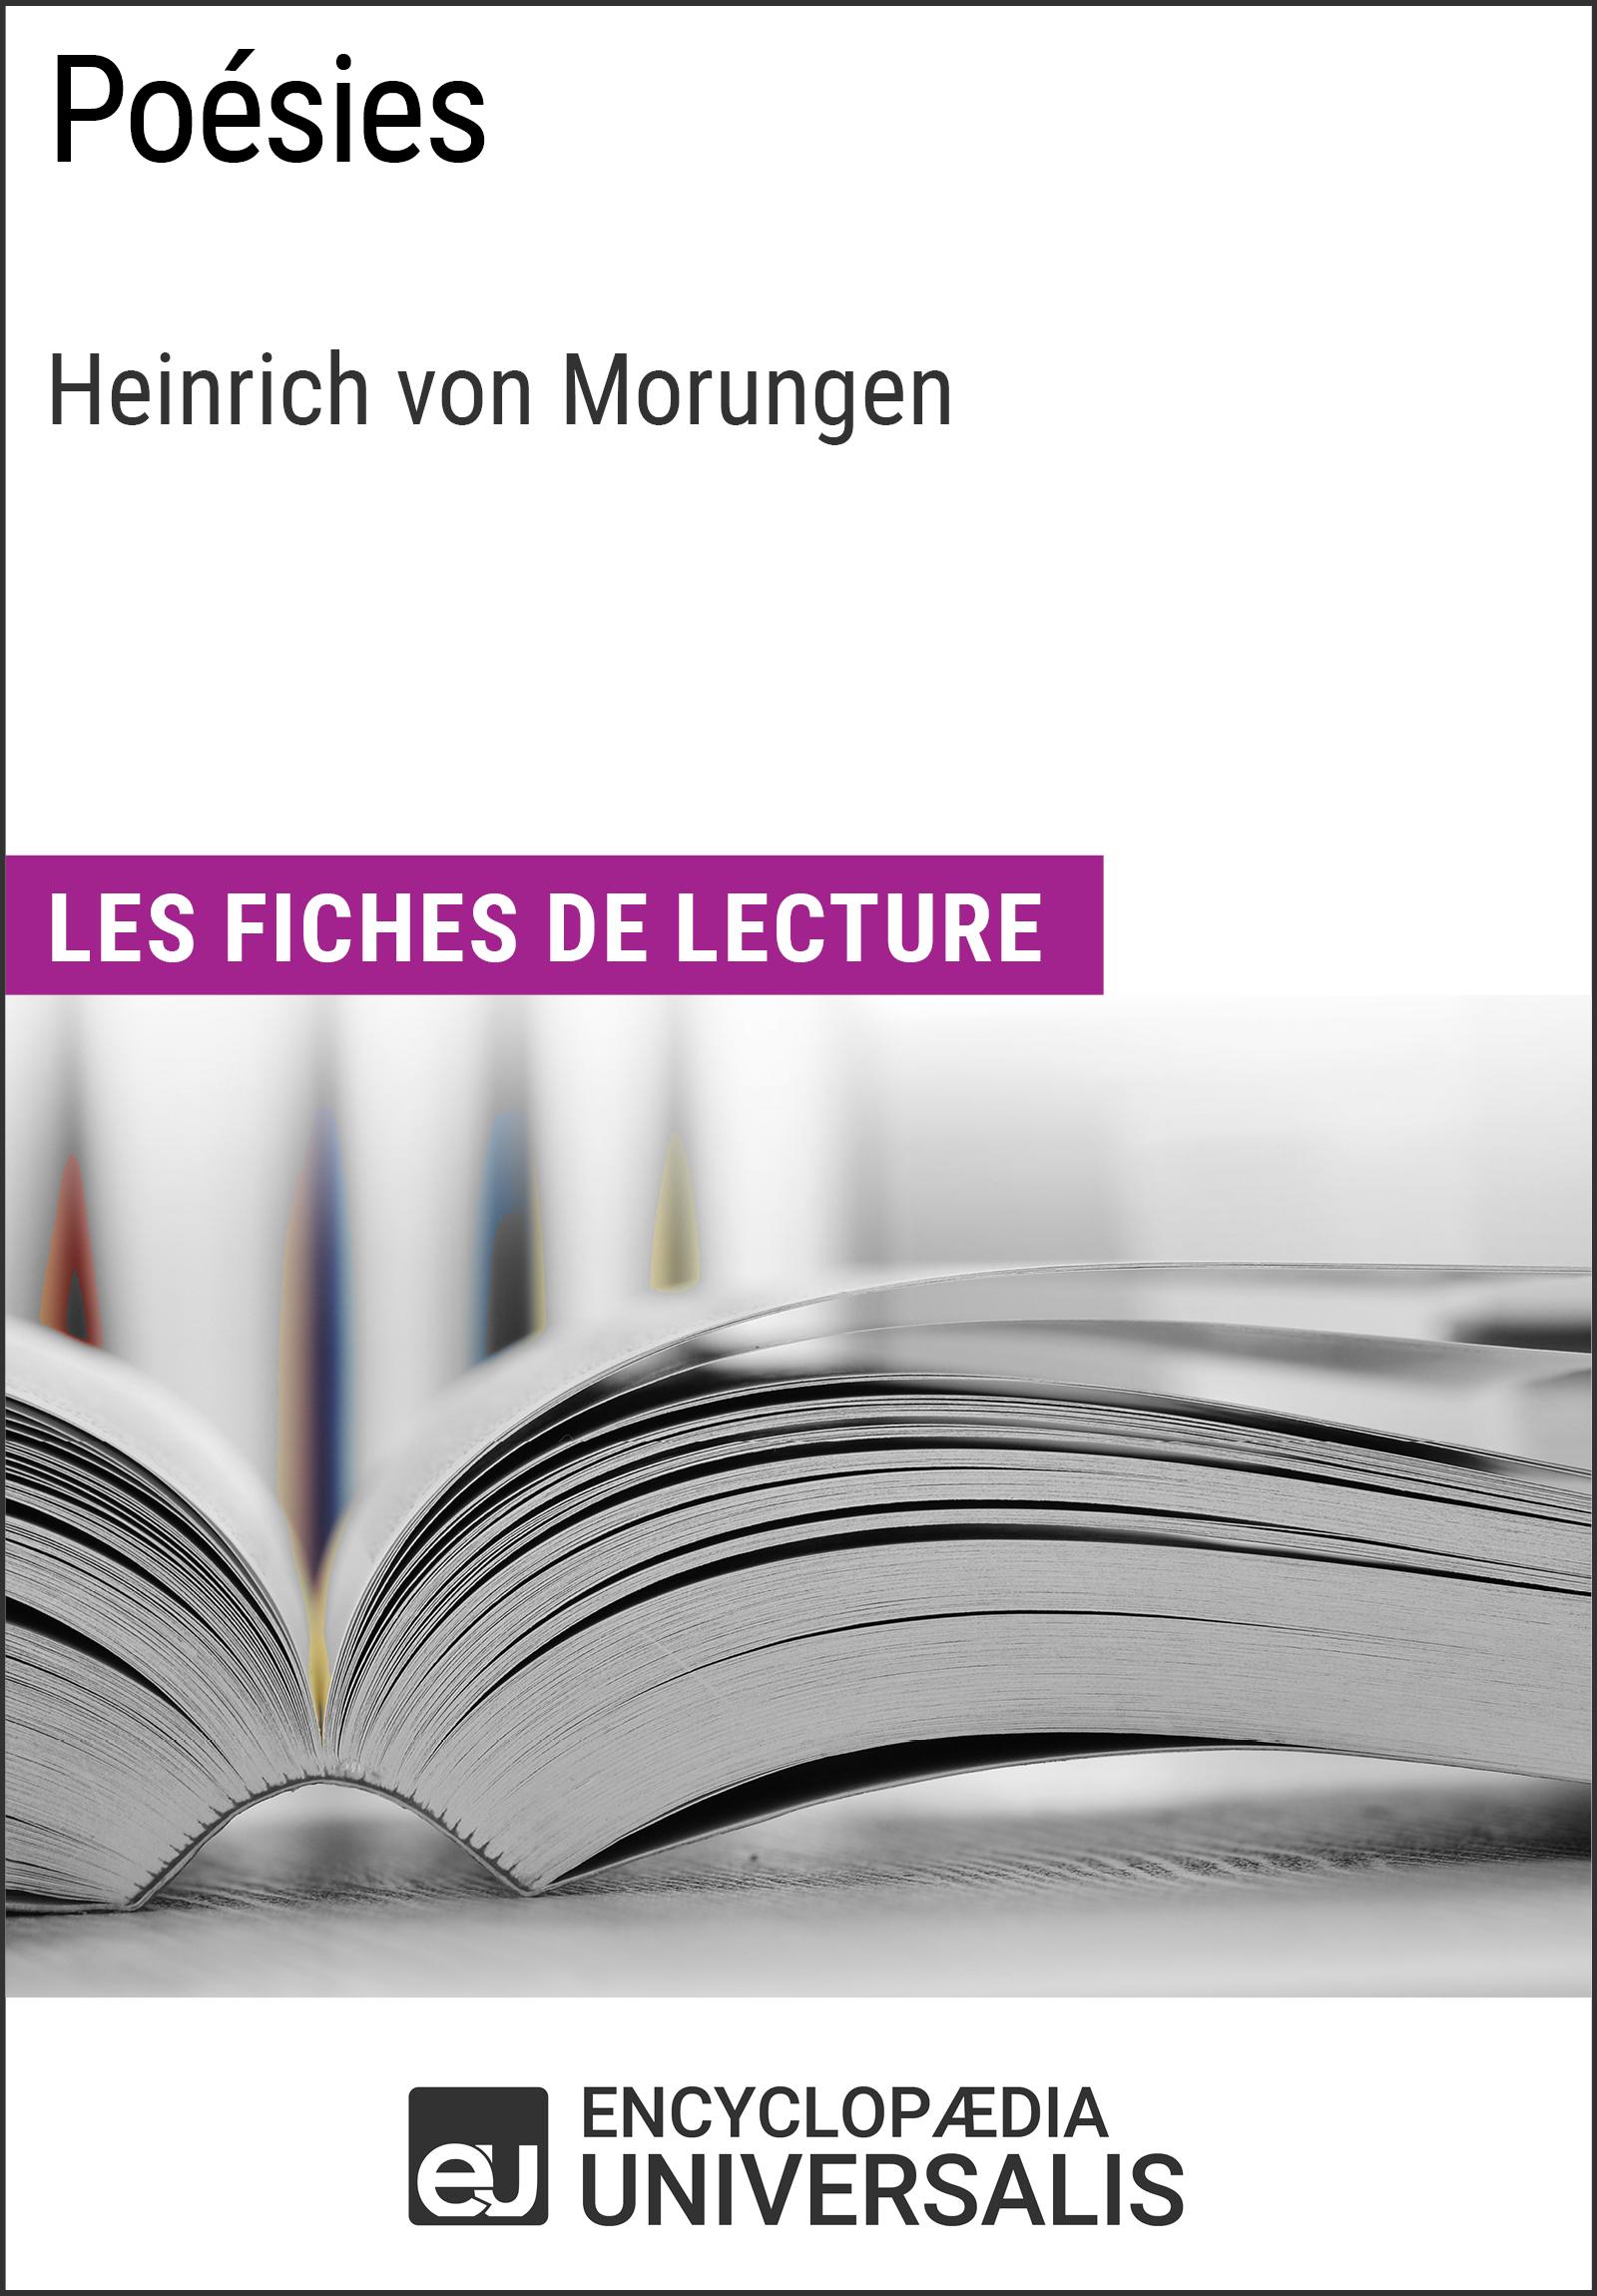 Poésies de Heinrich von Morungen